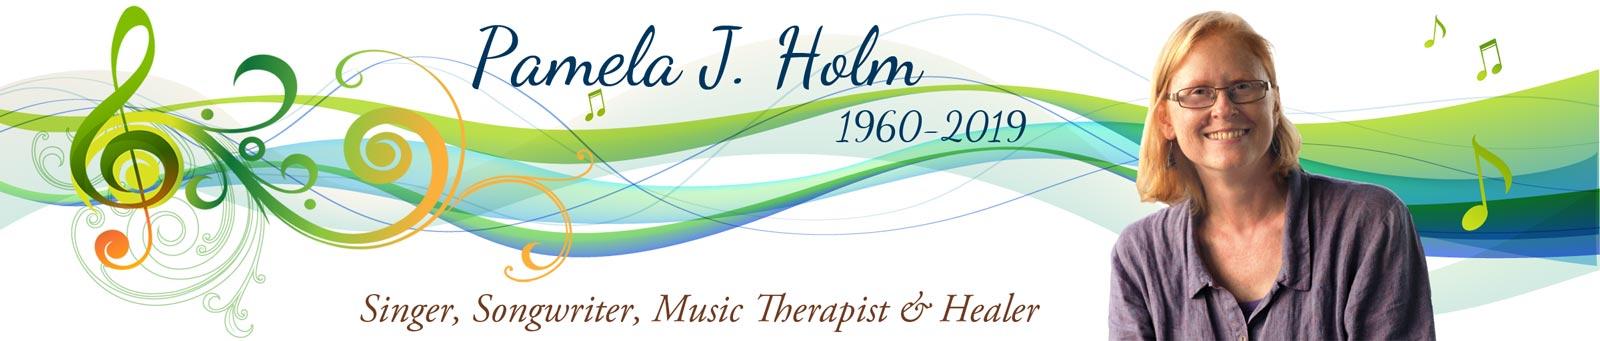 Pamela Holm 1960-2019